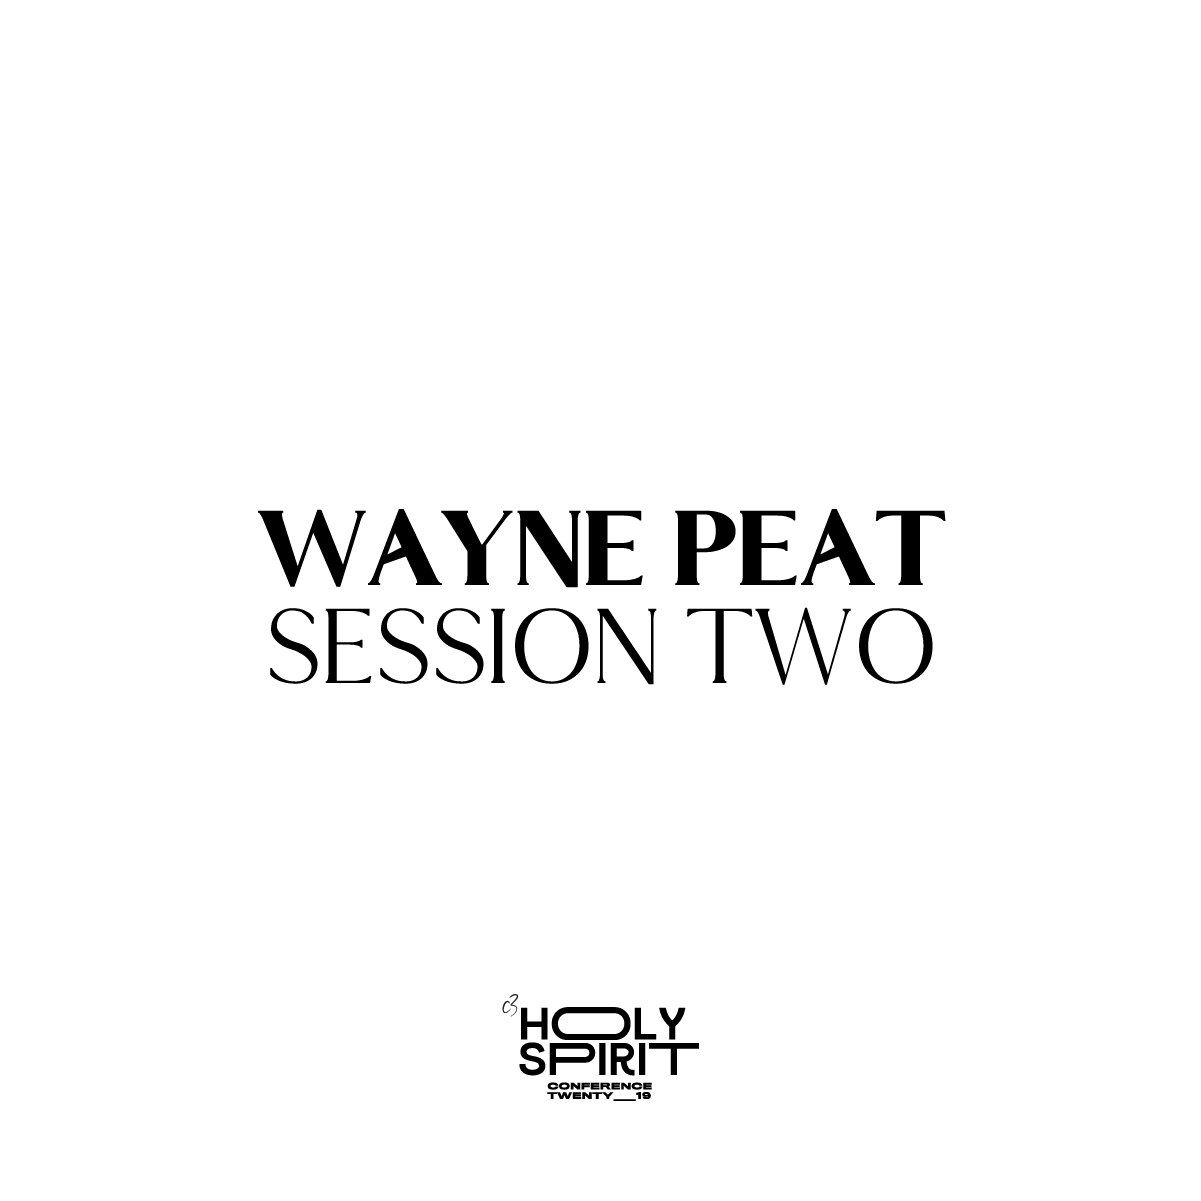 Session 2 - Wayne Peat